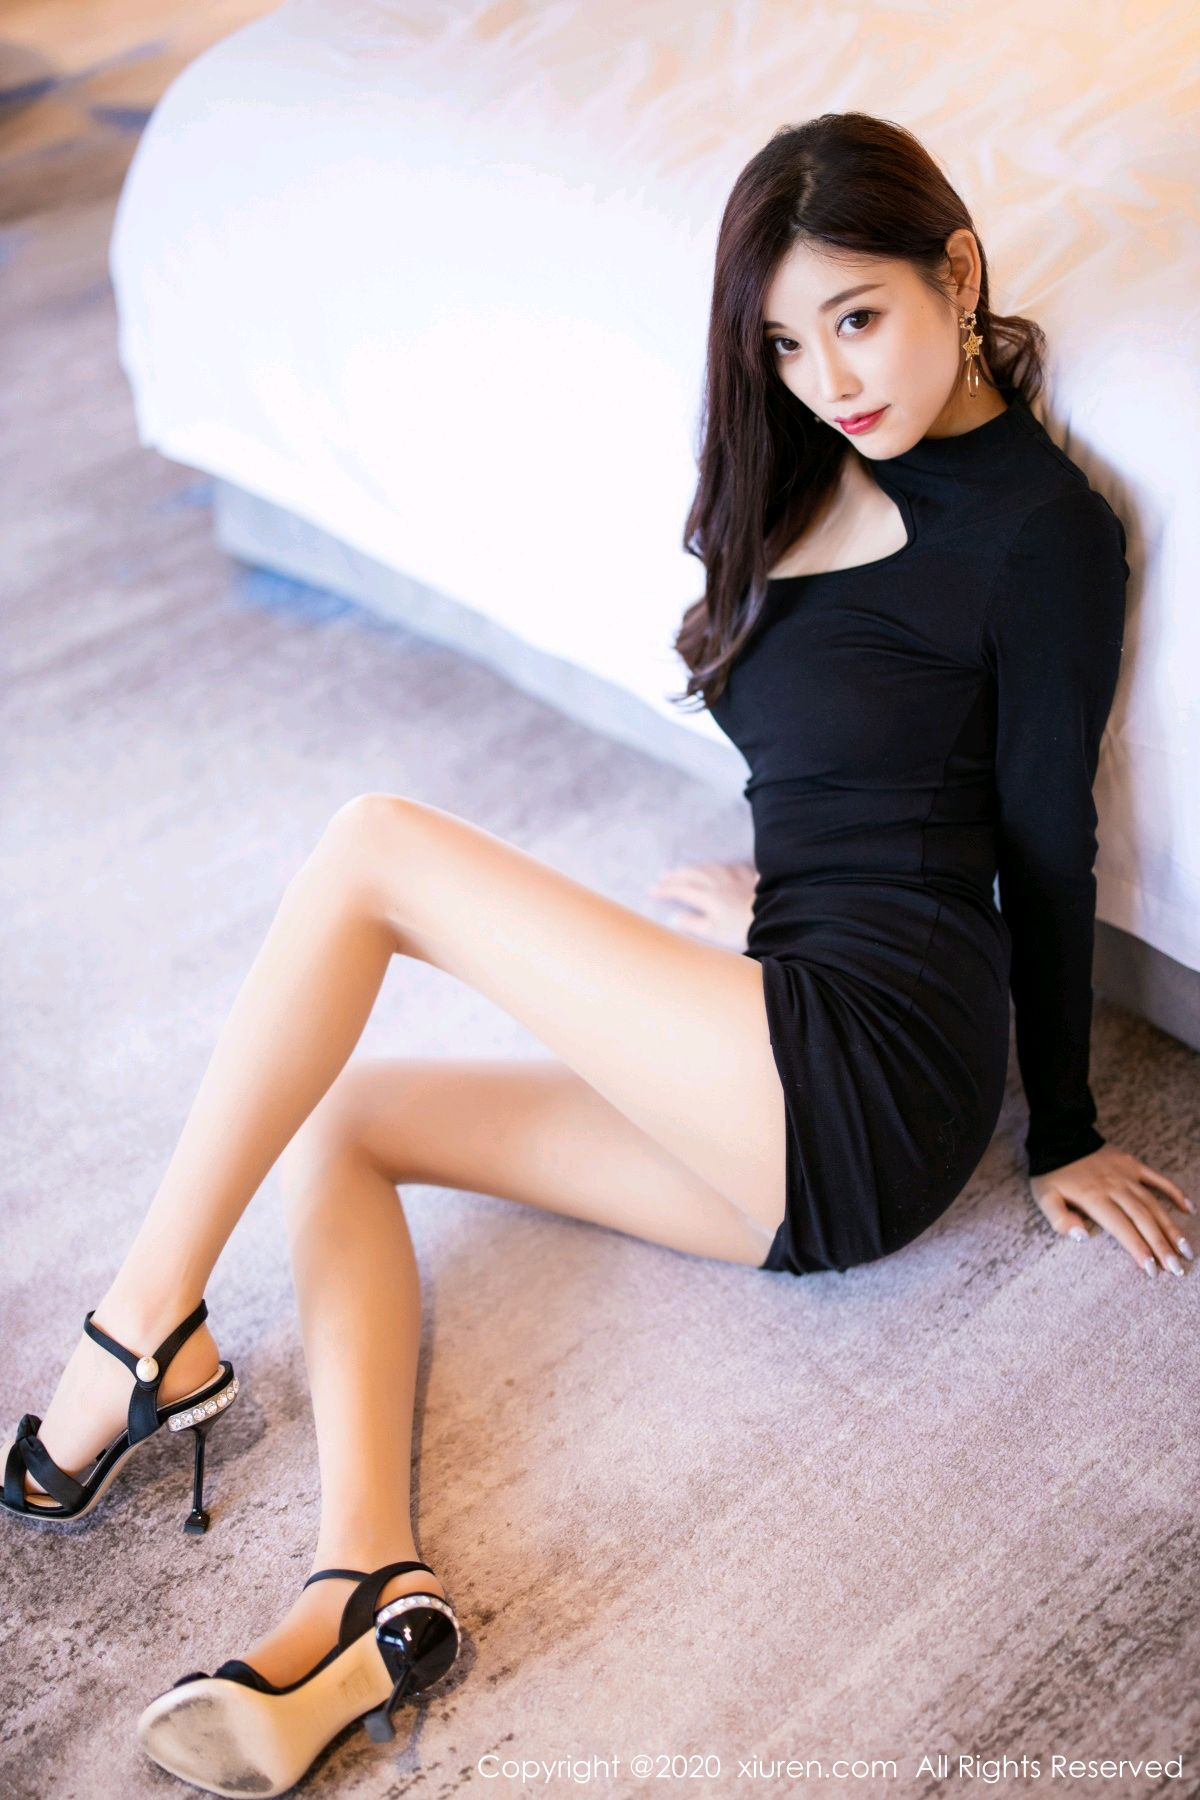 [XiuRen] Vol.2733 Yang Chen Chen 27P, Tall, Xiuren, Yang Chen Chen, 杨晨晨